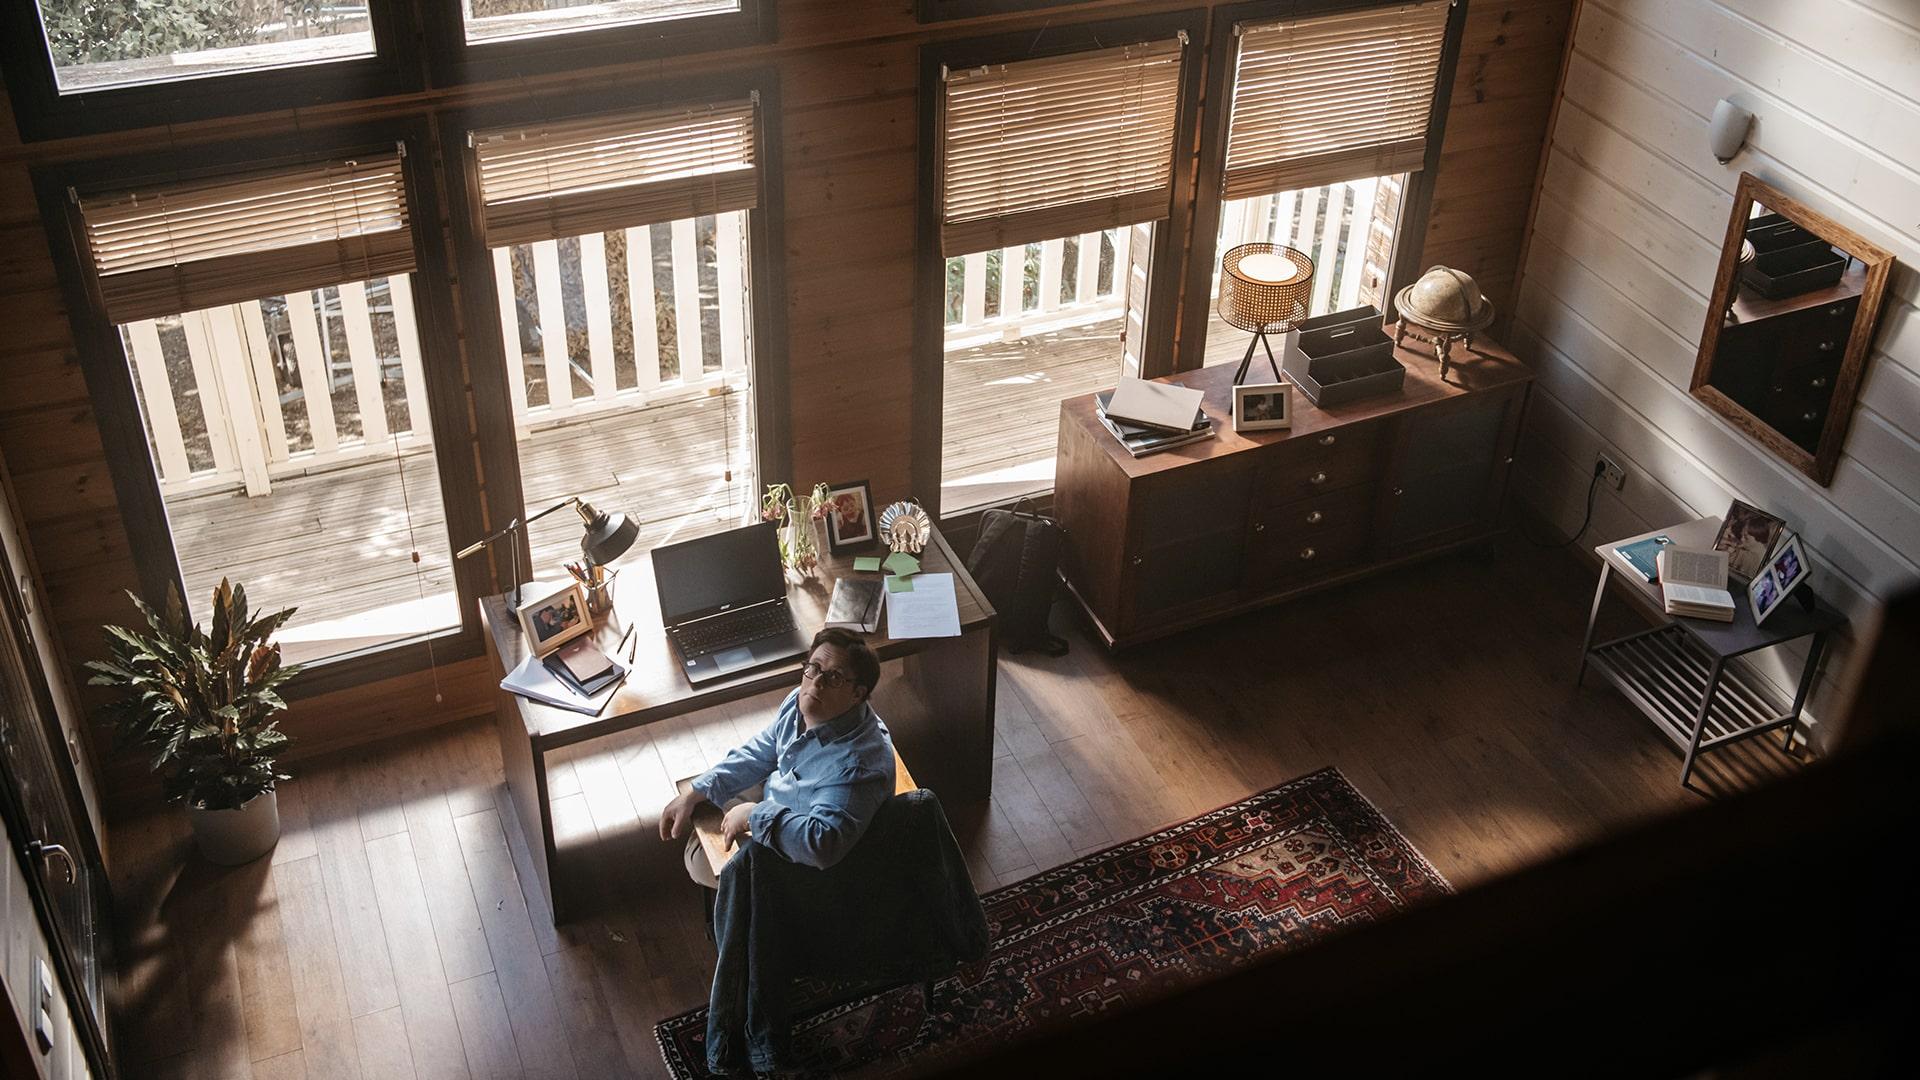 Pablo Pineda, sentado en el escritorio delante de un ordenador, frente a un gran ventanal, mira hacia arriba, donde está situado el objetivo de la cámara.